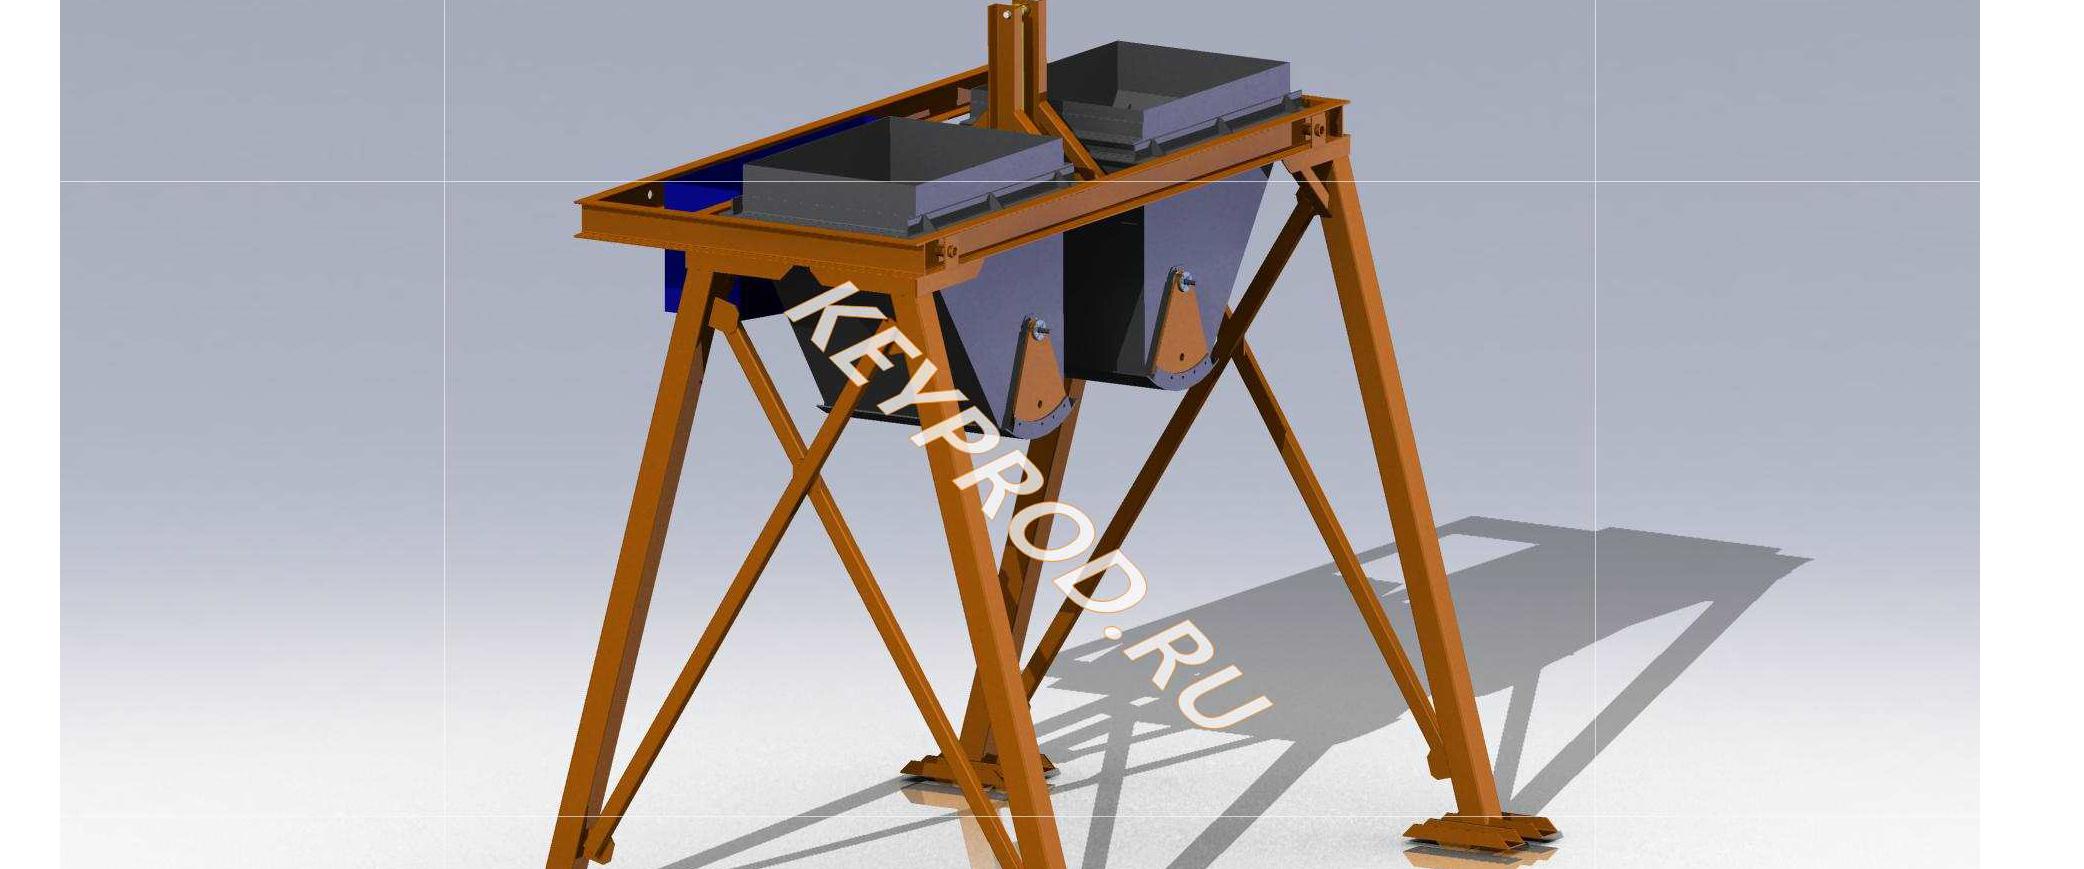 Блоки весовых дозаторов keyprod чертежи